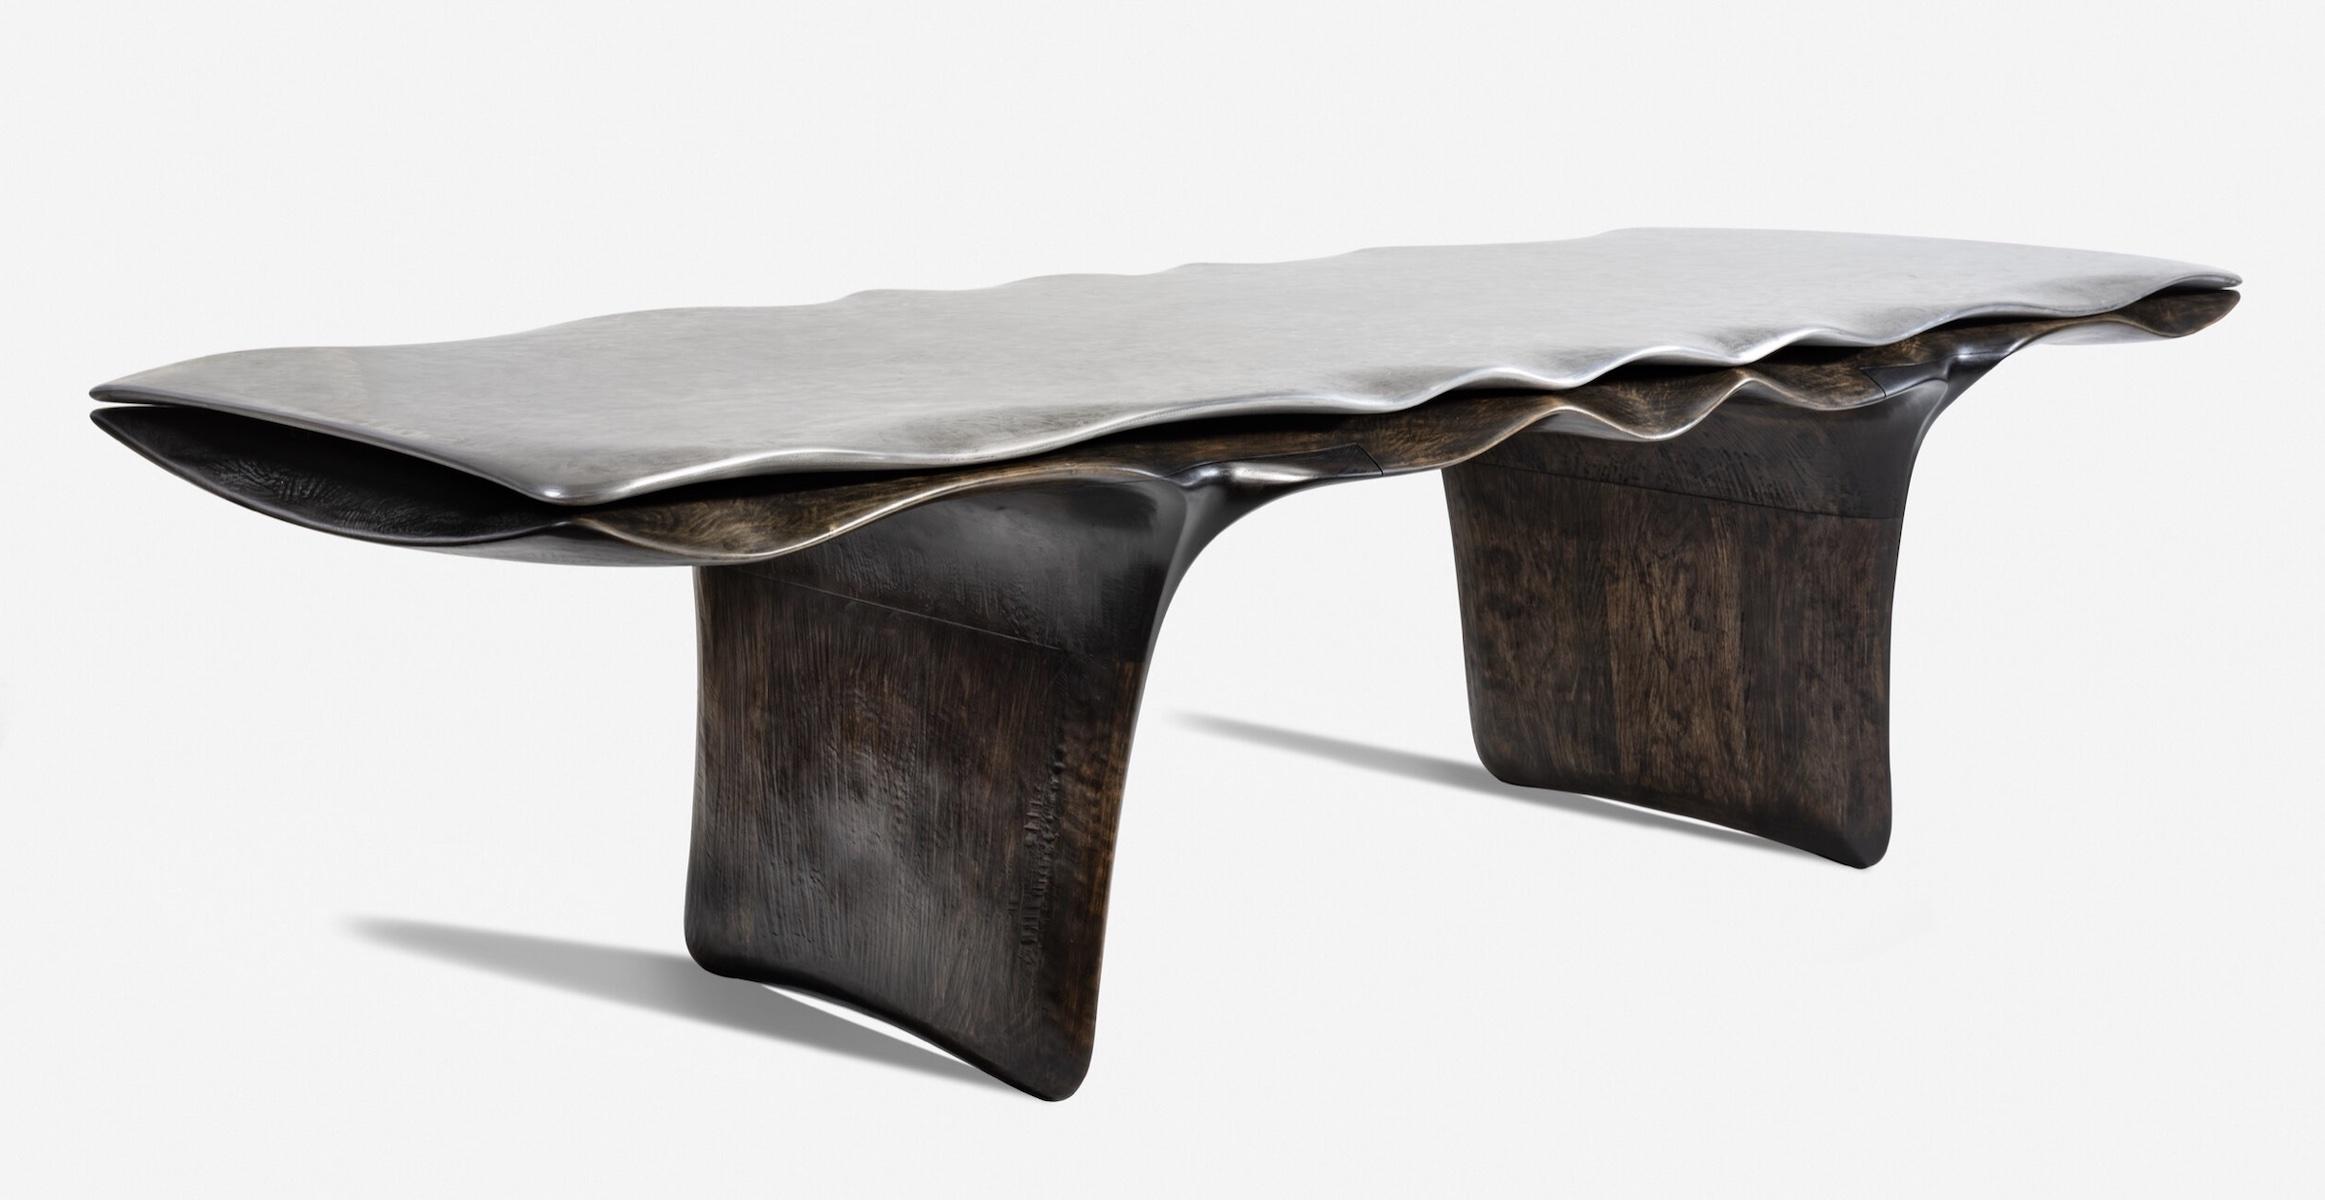 Park Avenue Table by artist Christopher Kurtz